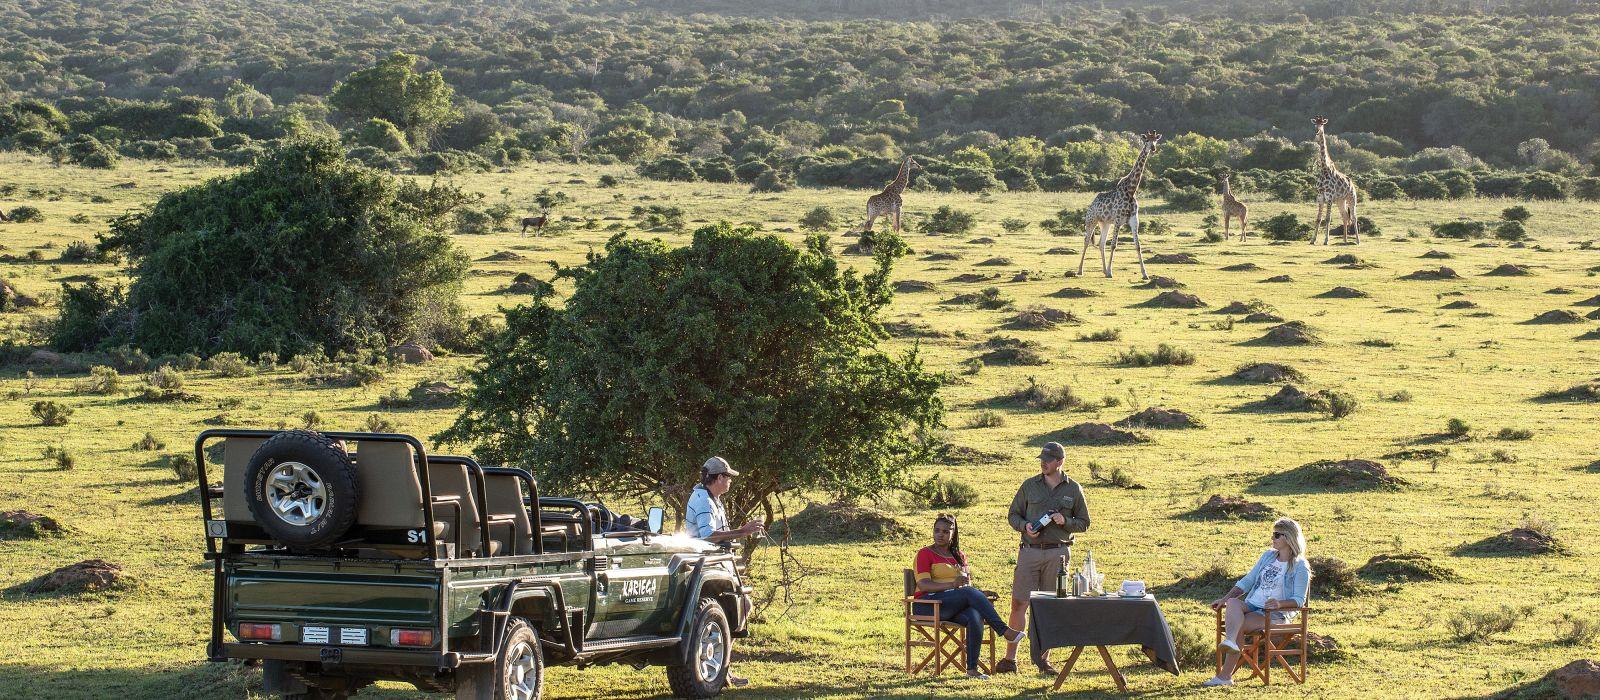 Südafrika & Mauritius: Wilde Tiere, weites Land & tropische Träume Urlaub 2